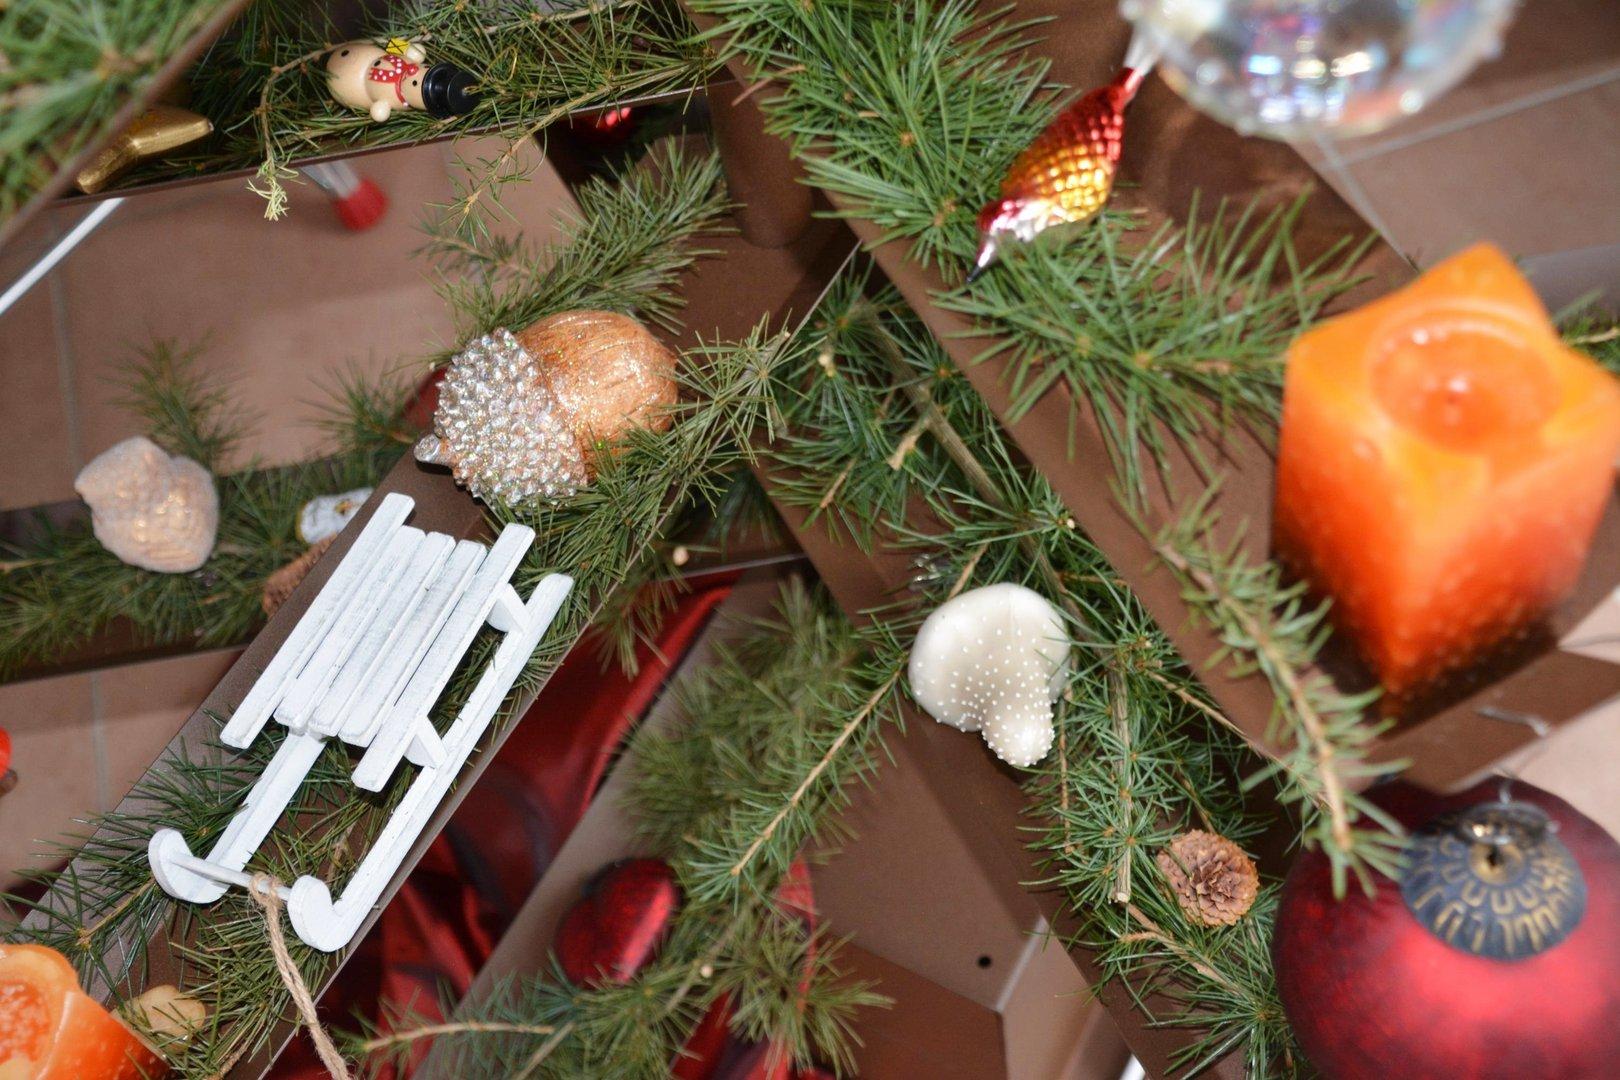 deko weihnachtsbaum metall deko objekt weihnachtsbaum metall glas ca h150 cm deko. Black Bedroom Furniture Sets. Home Design Ideas